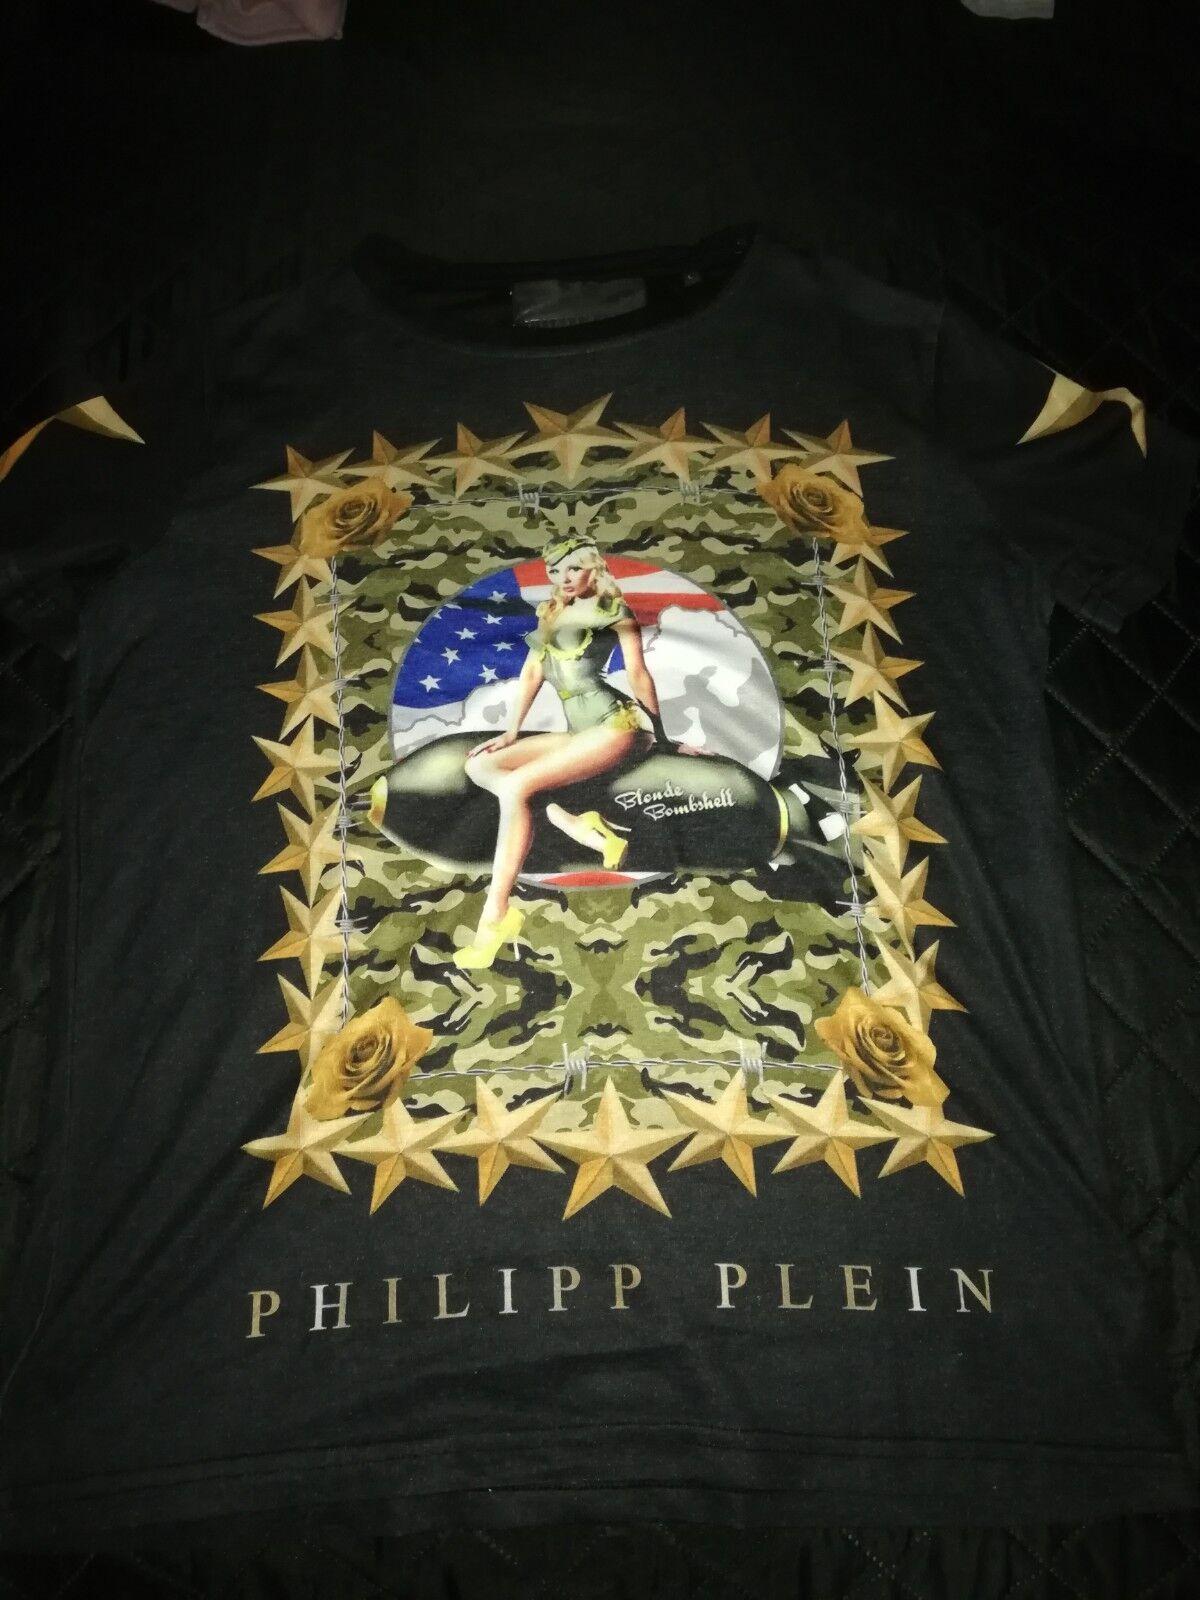 Philipp Plein T - Shirt in Größe L Herren